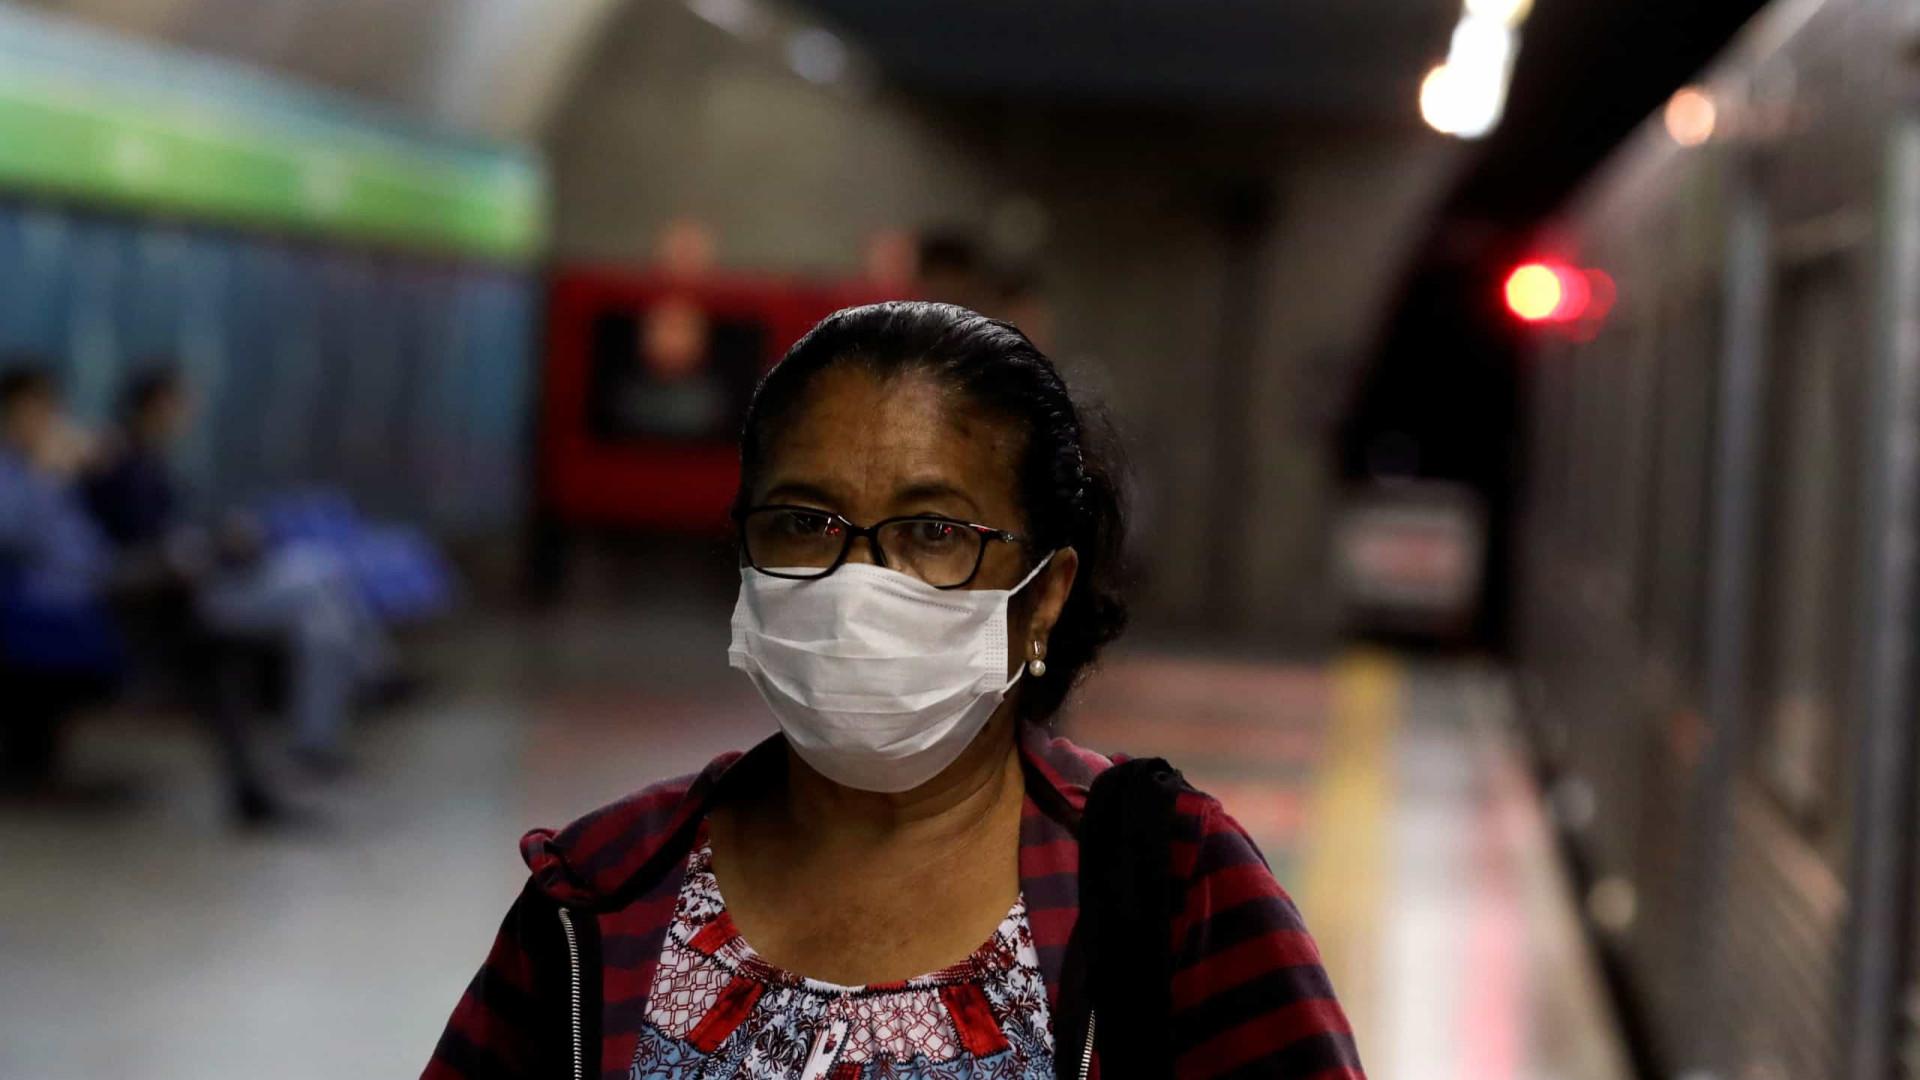 Covid-19: Brasil regista 54 novas mortes num dia e total chega a 486